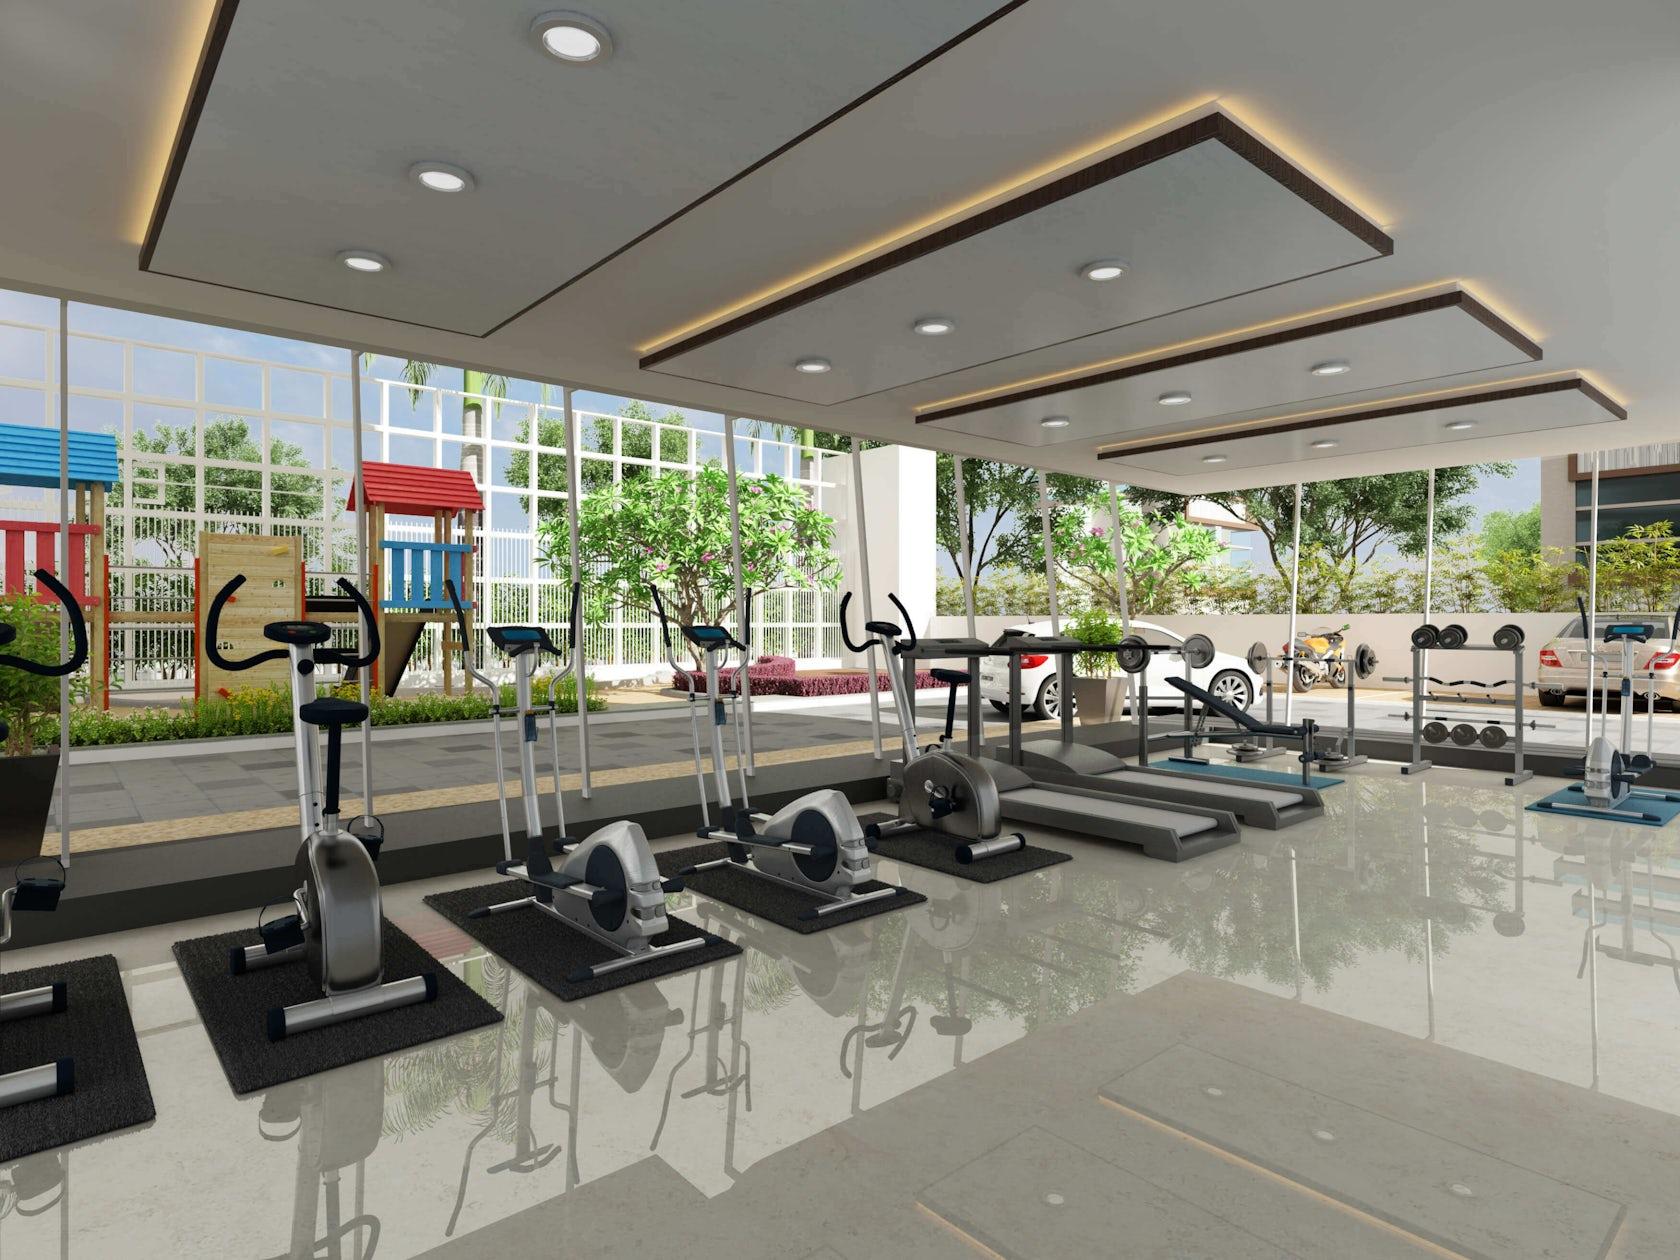 3d gym interior design architizer for Gym interior design